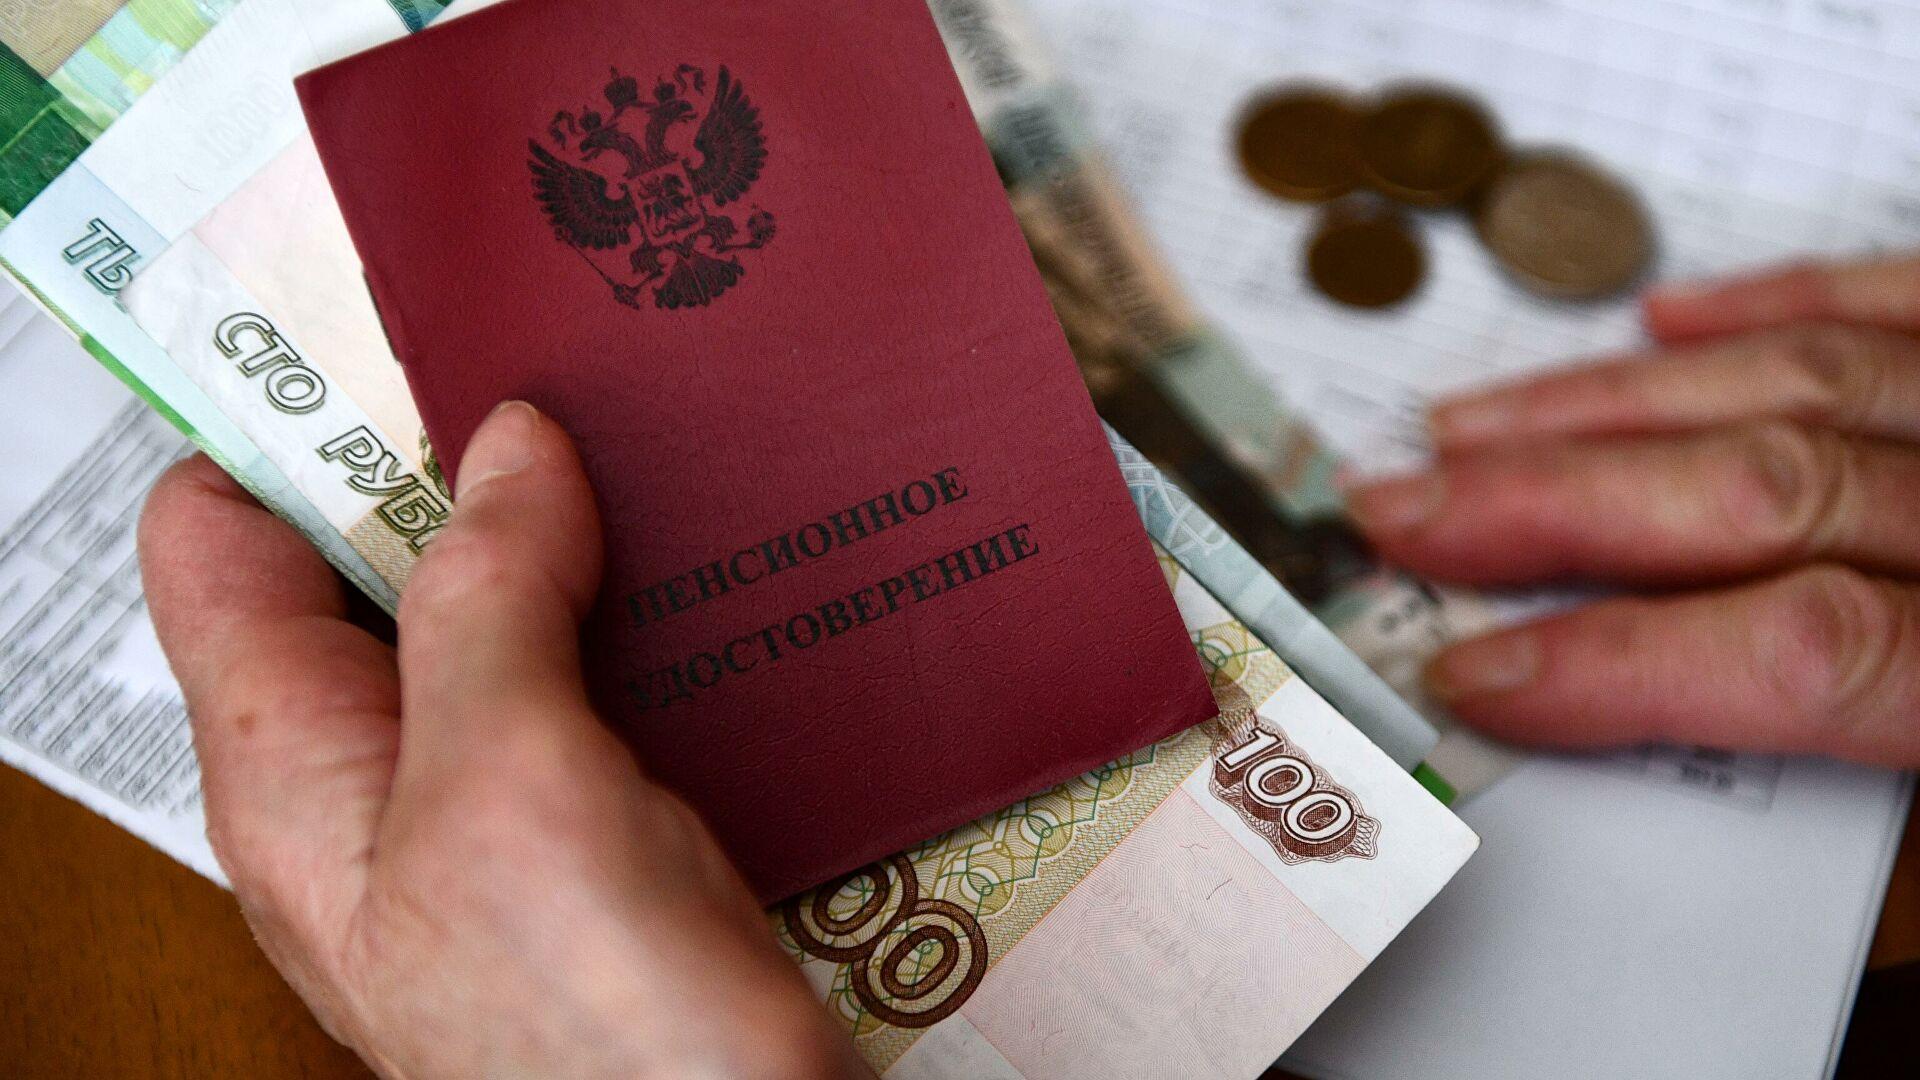 Дмитрий Медведев поручил повысить пенсии ряду пенсионеров: кому увеличат выплаты